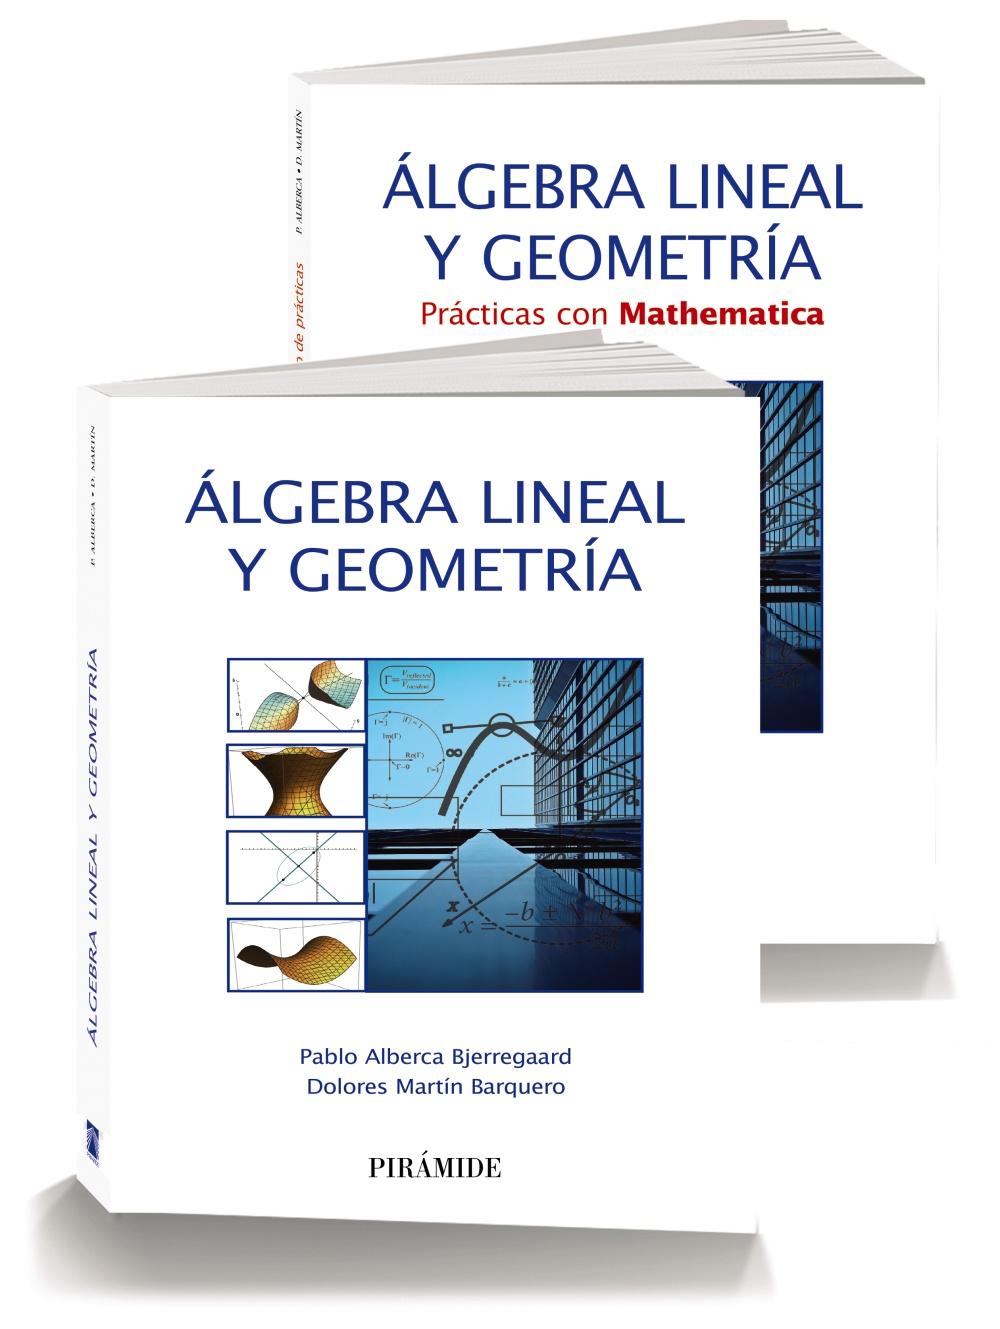 Pack-álgebra Lineal Y Geometría por Pablo Alberca Bjerregaard